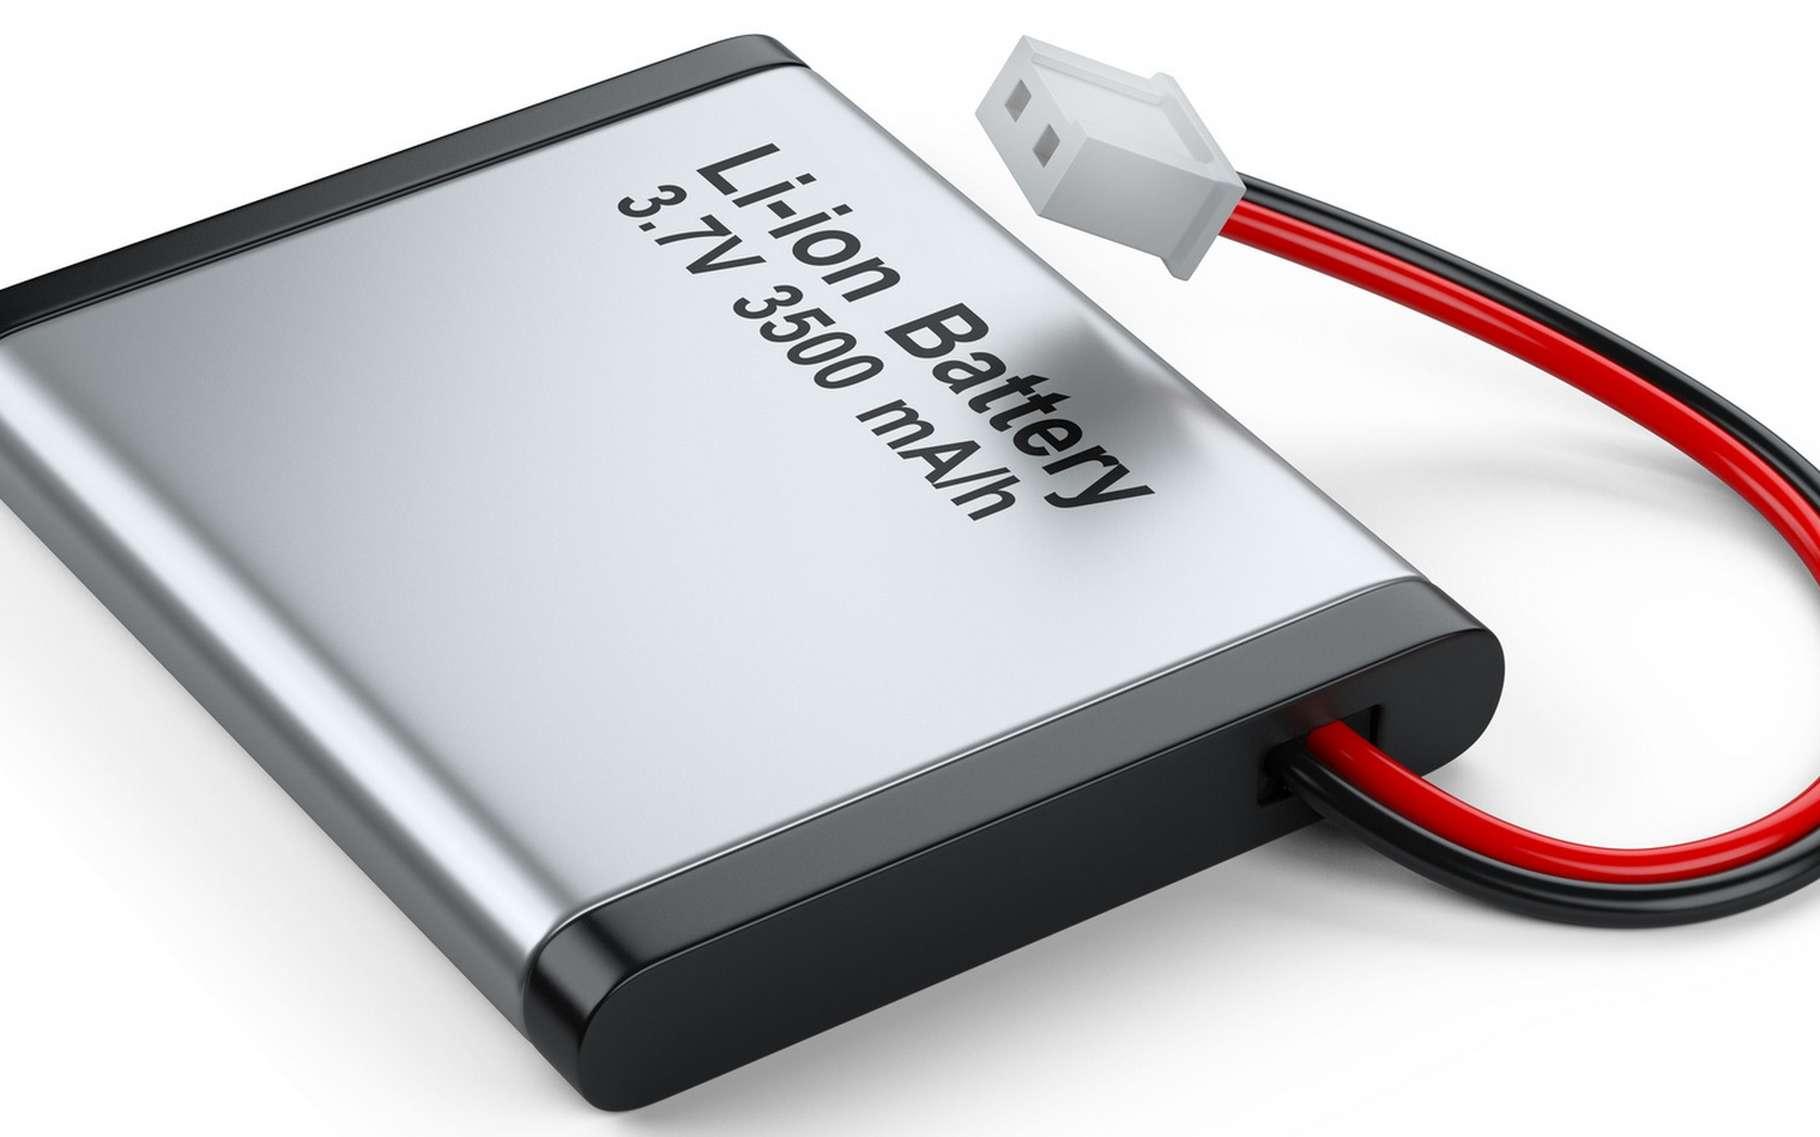 Co-inventeur de la batterie lithium-ion, John Goodenough pourrait bien être à l'origine d'une nouvelle révolution technologique dans ce domaine avec sa batterie à électrolyte solide. © Oleksandr, Fotolia